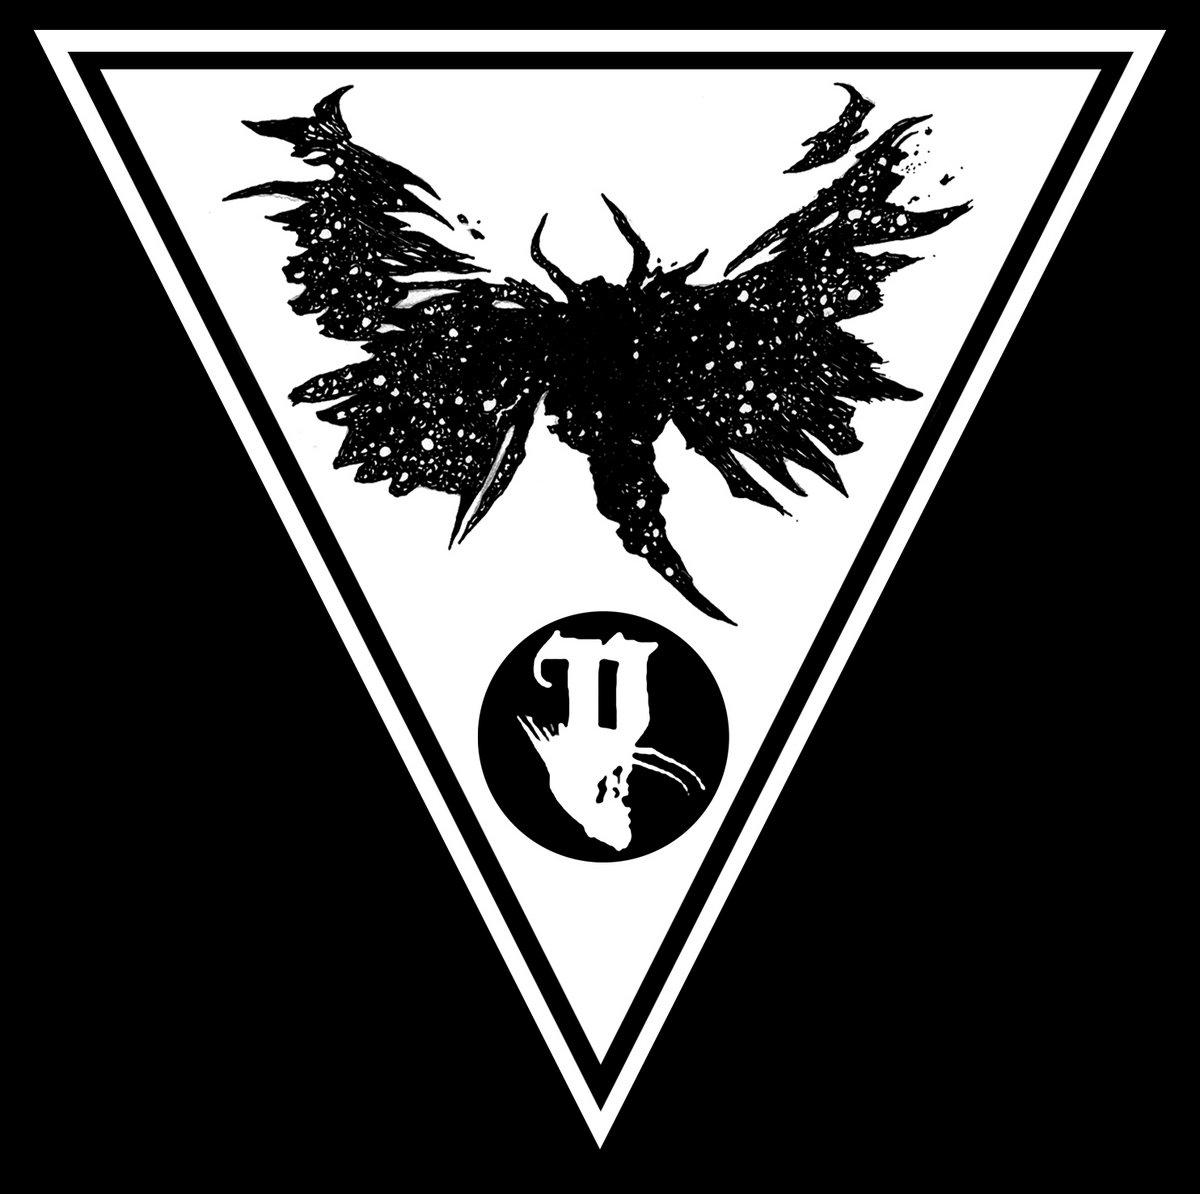 Paramnesia - Ce que dit la bouche d'ombre (EP 2013)